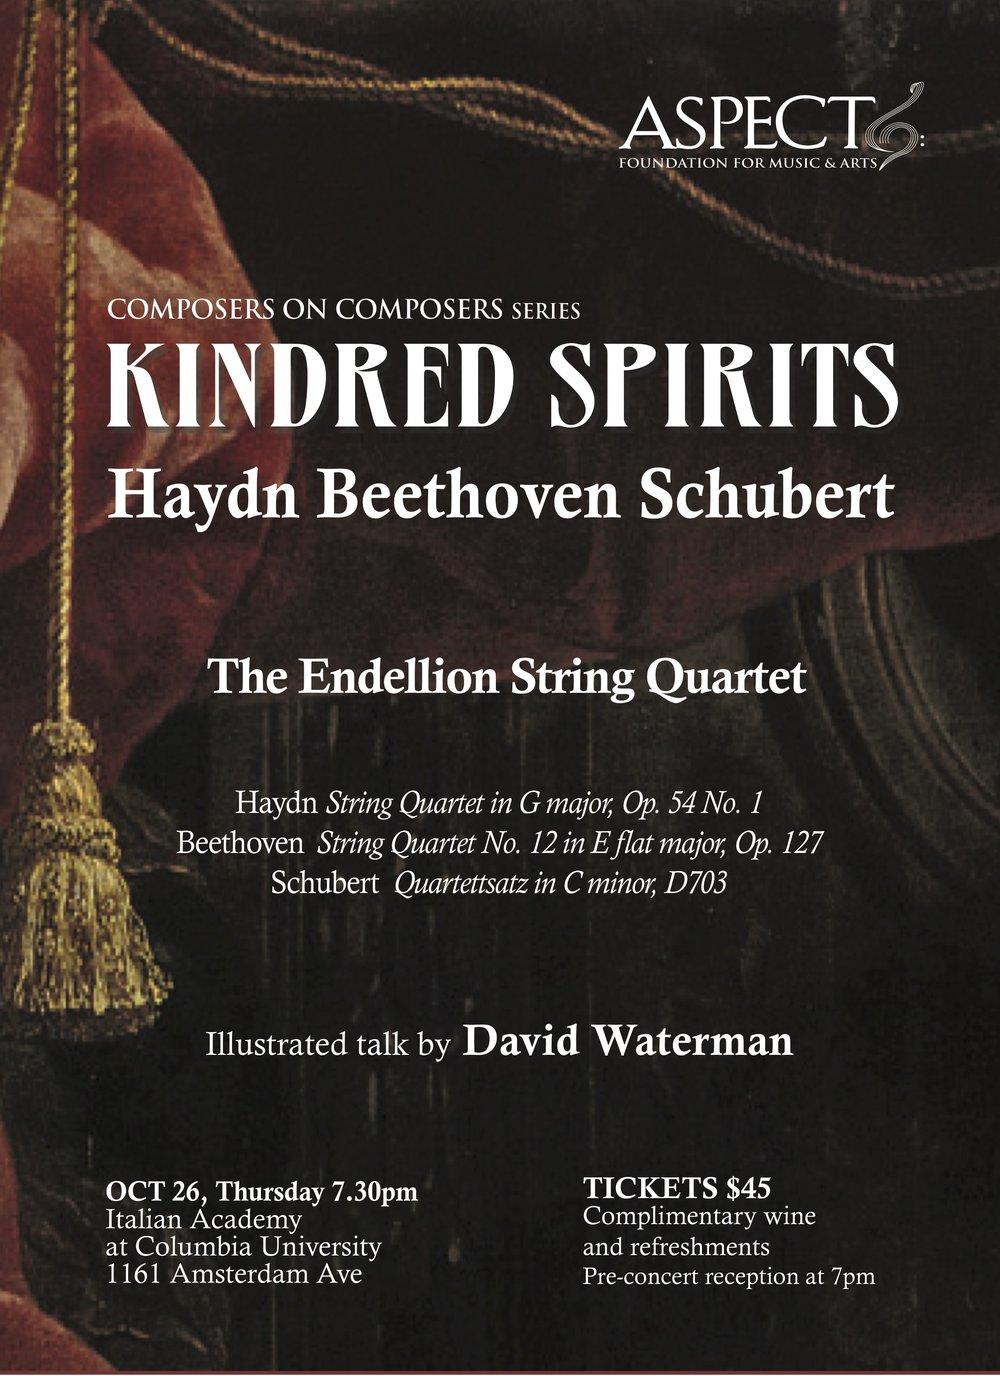 Aspect-Kindred Spirits 16x24 poster DM.jpg